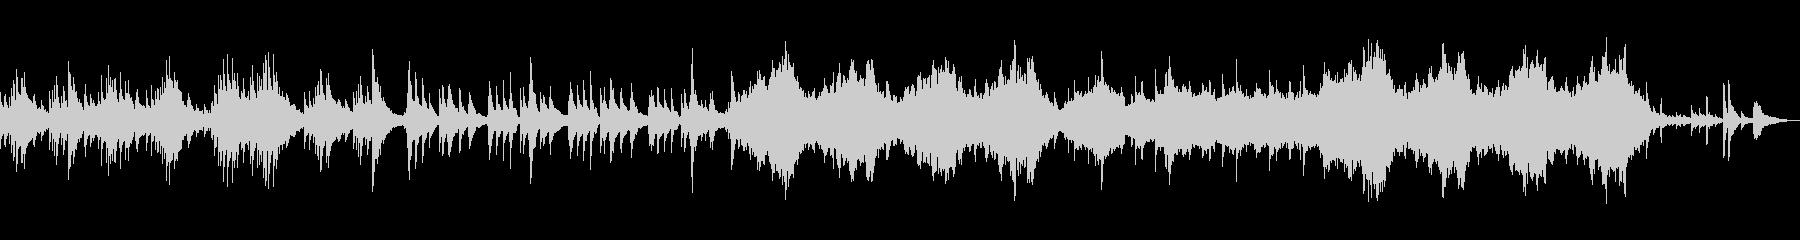 ファンタジーなハープとストリングスの未再生の波形